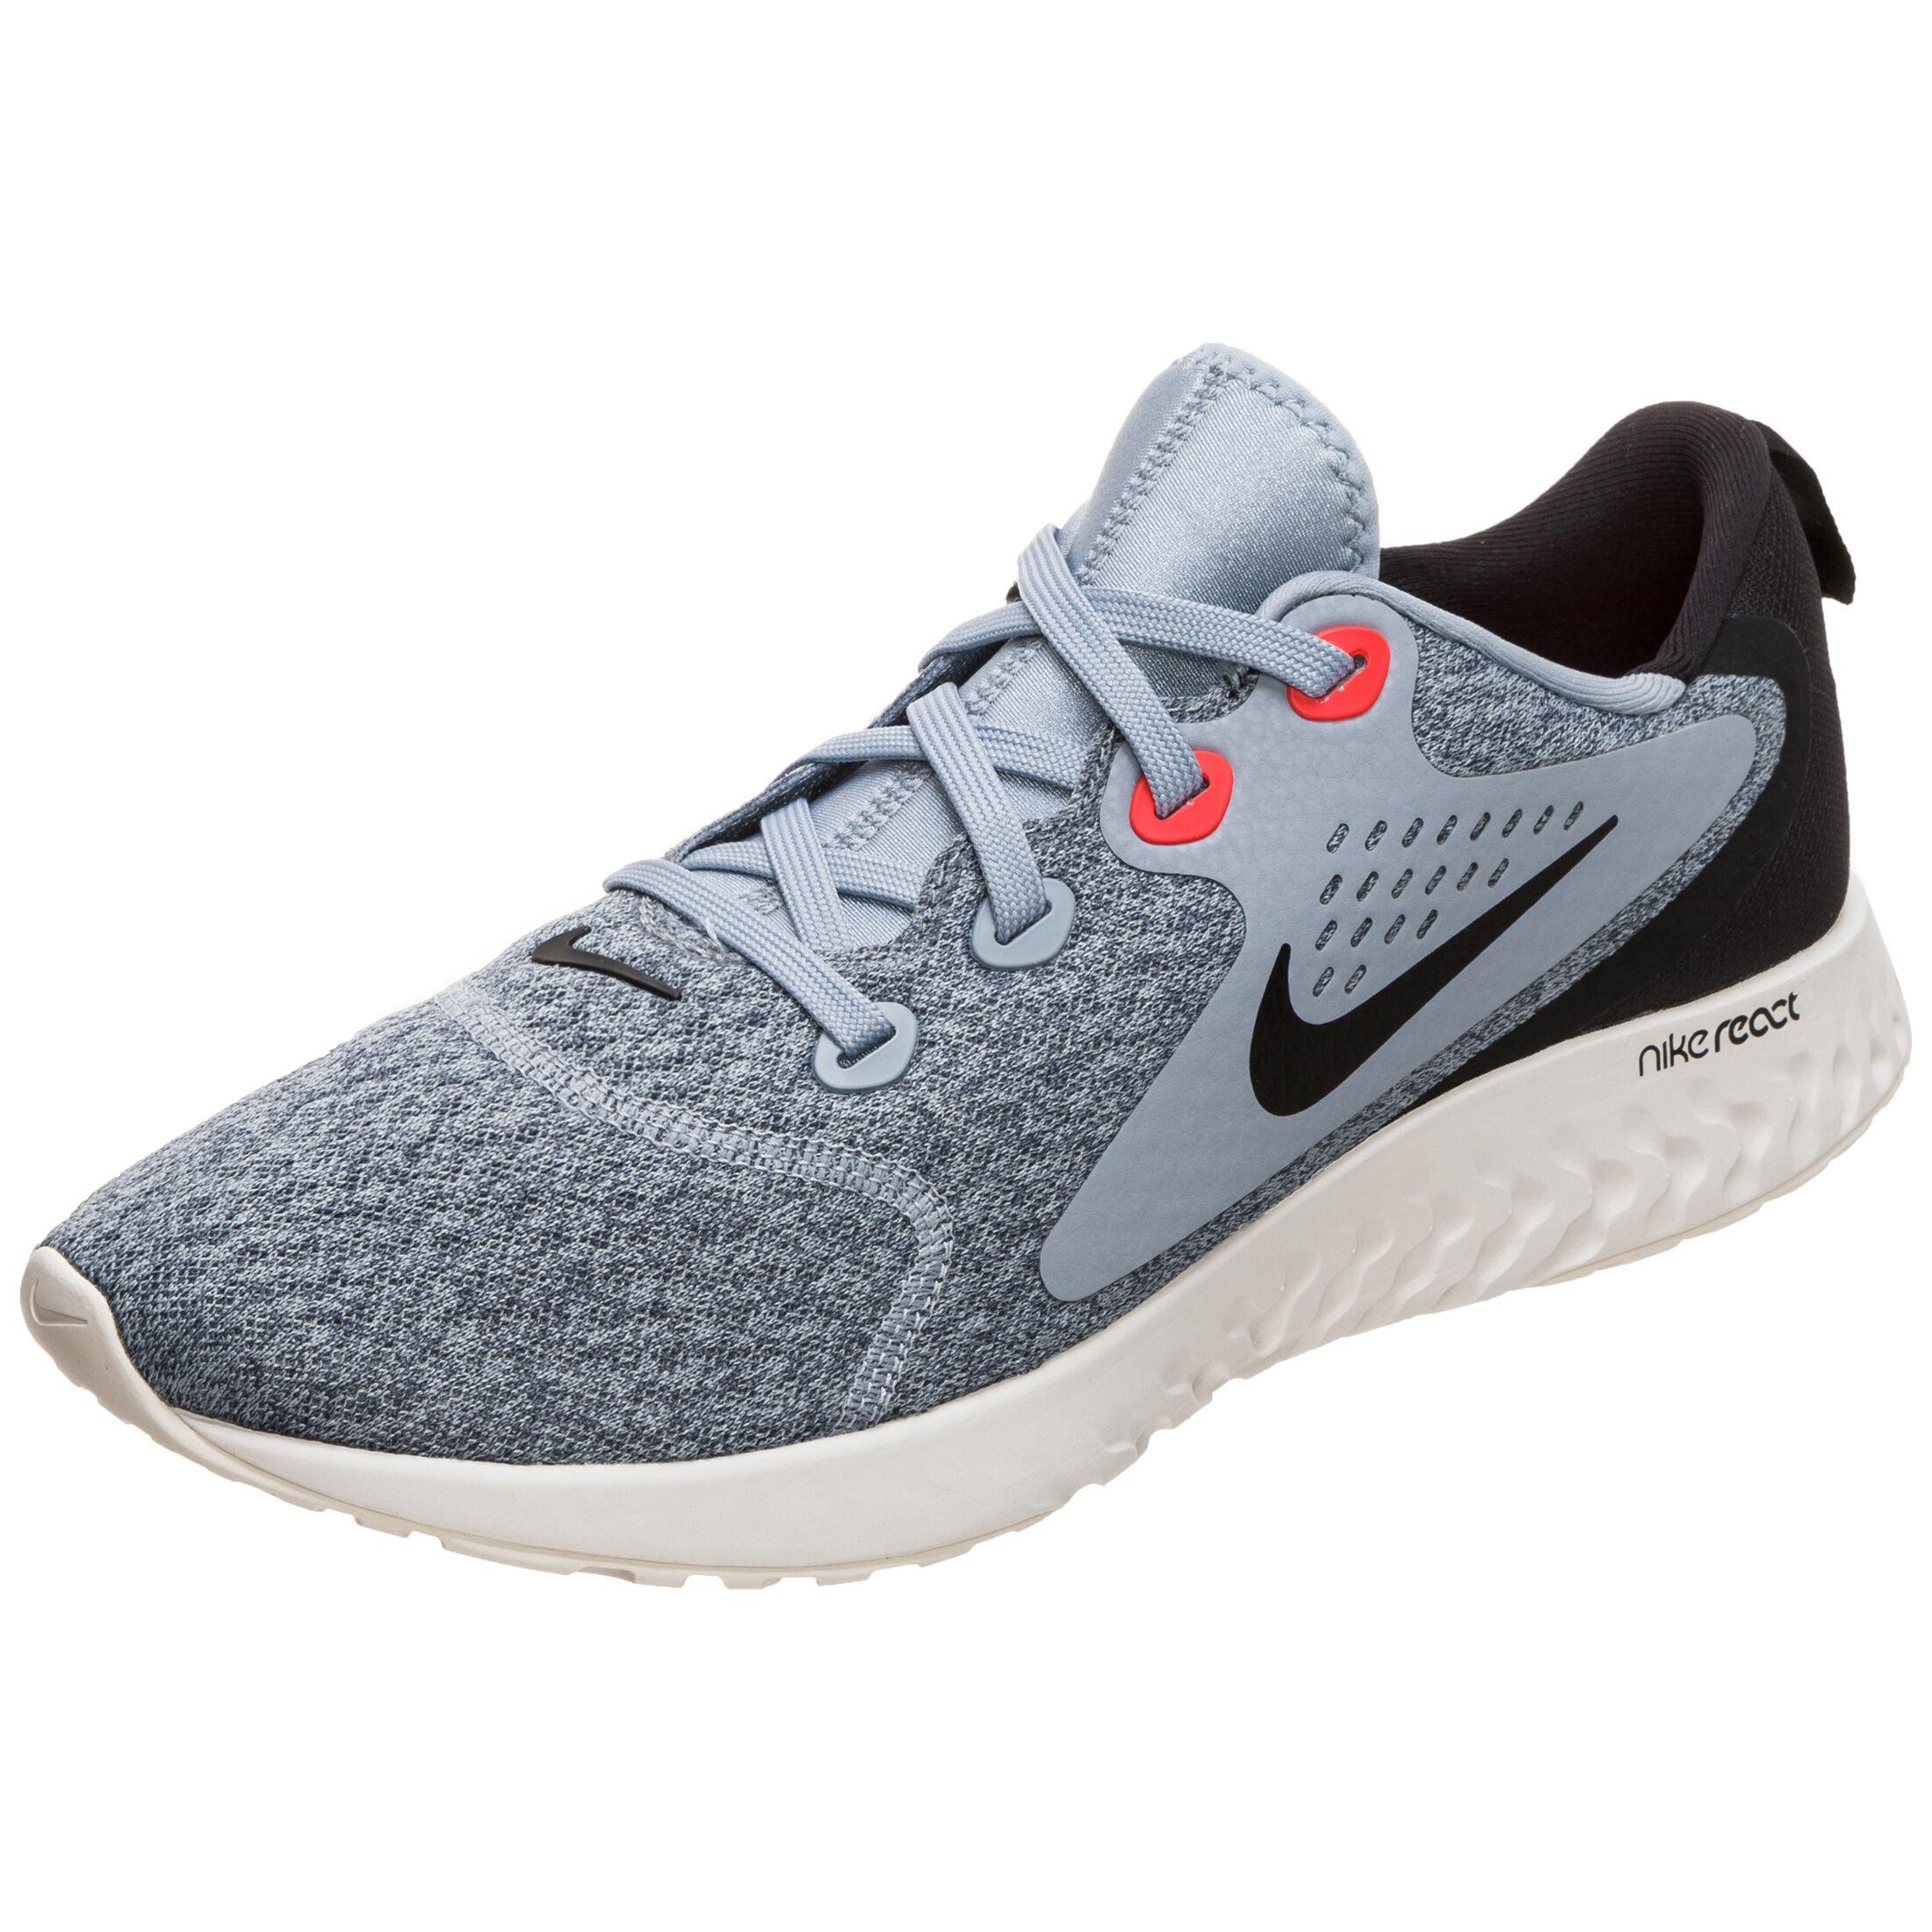 Nike Legend React Laufschuhe Damen Weiß Sale Online Shop